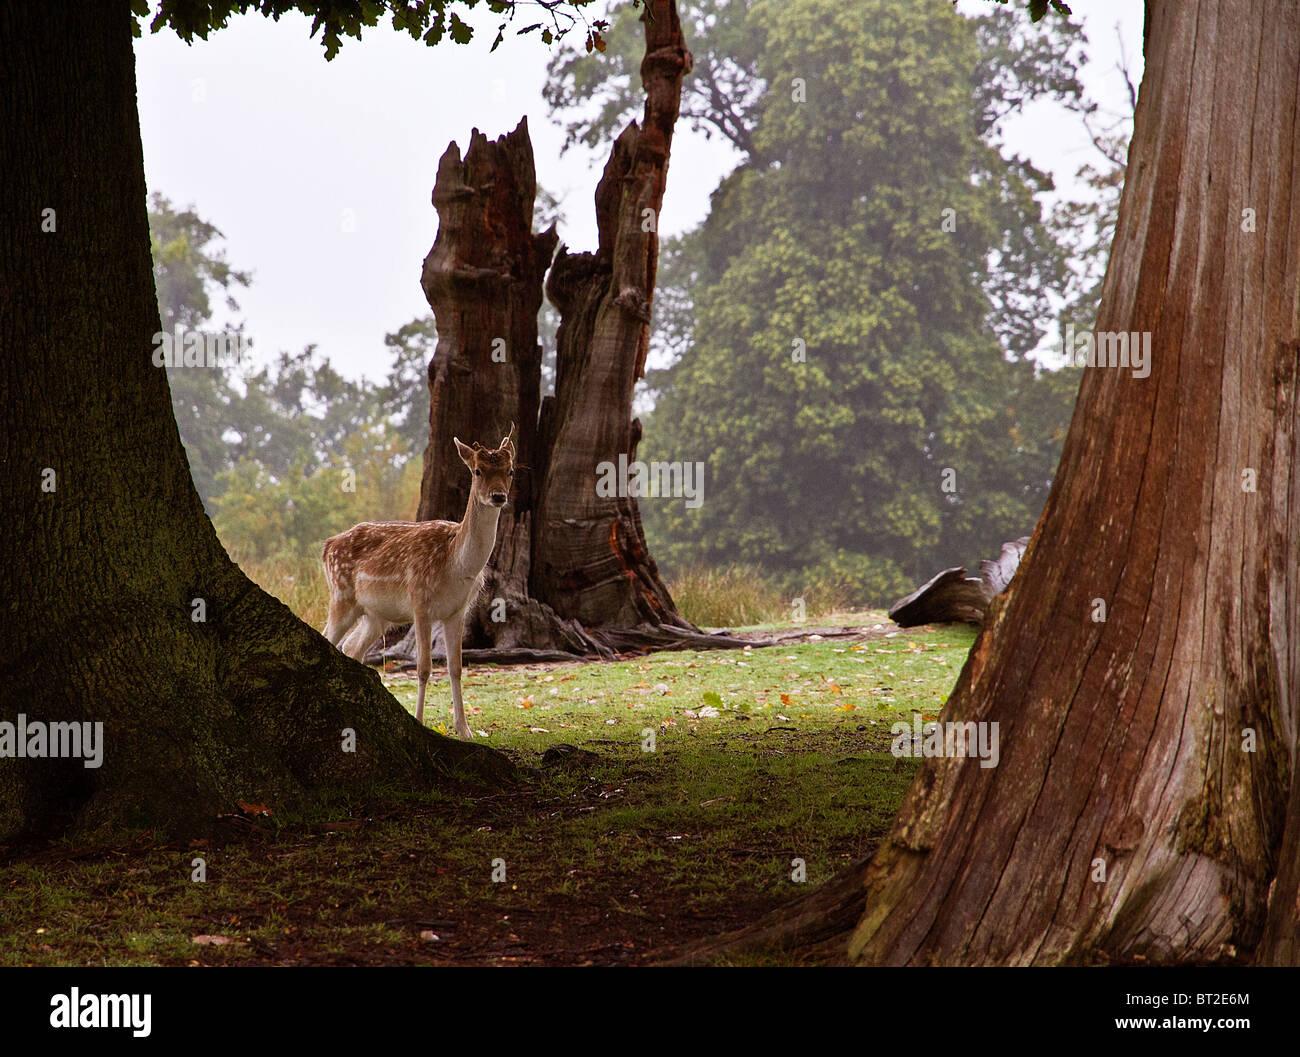 Una tímida Gamo pares a través de un grupo de árboles Imagen De Stock